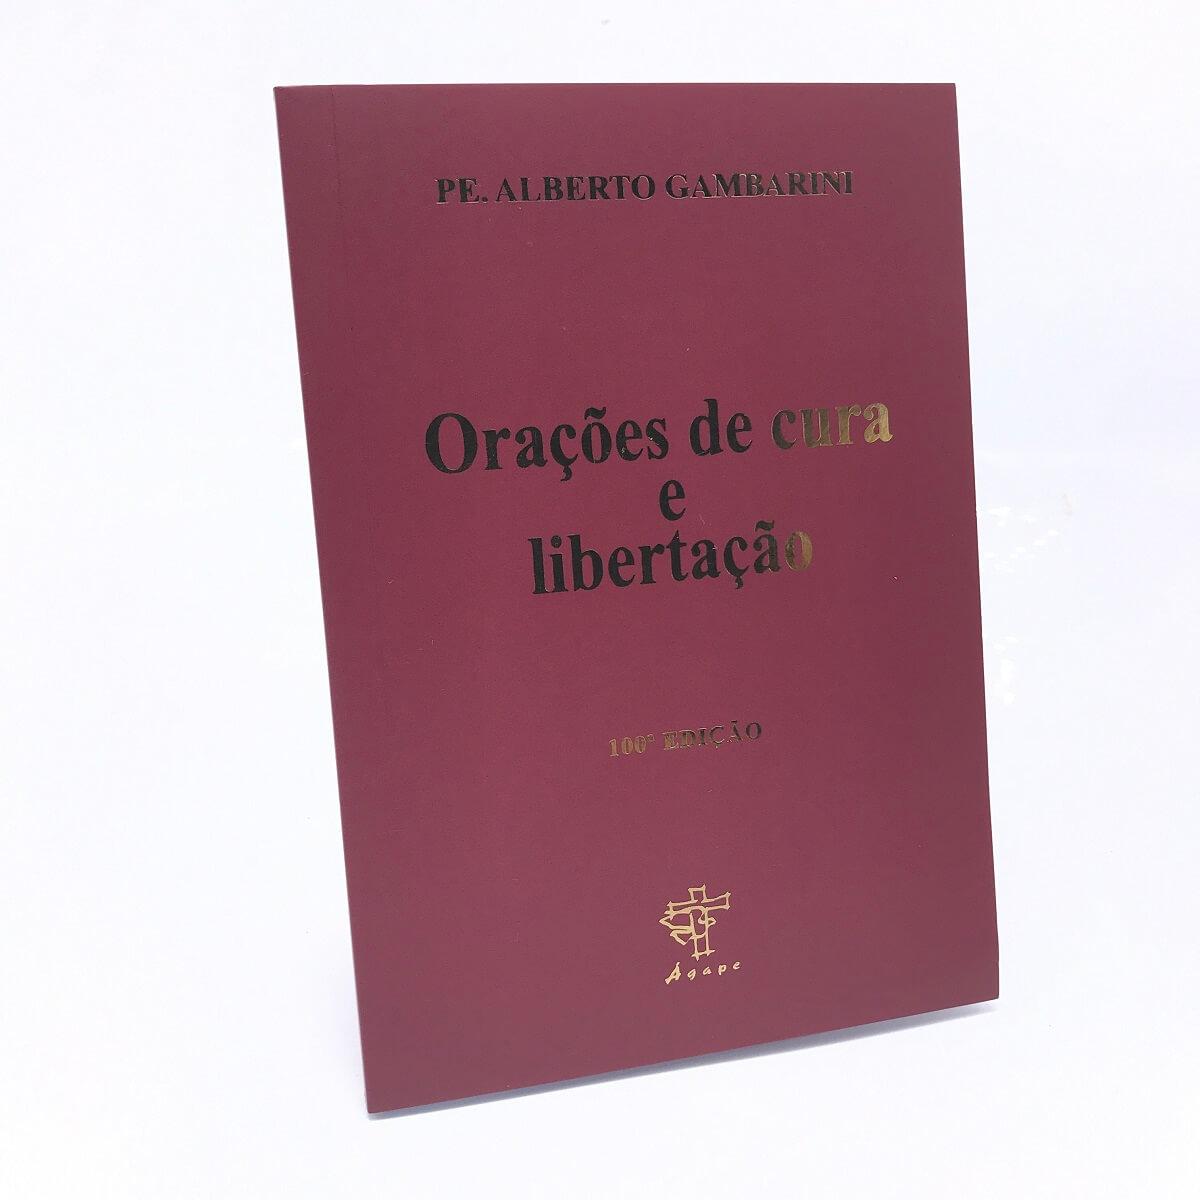 Livro Orações De Cura E Libertação Padre Alberto Luiz Gambarini